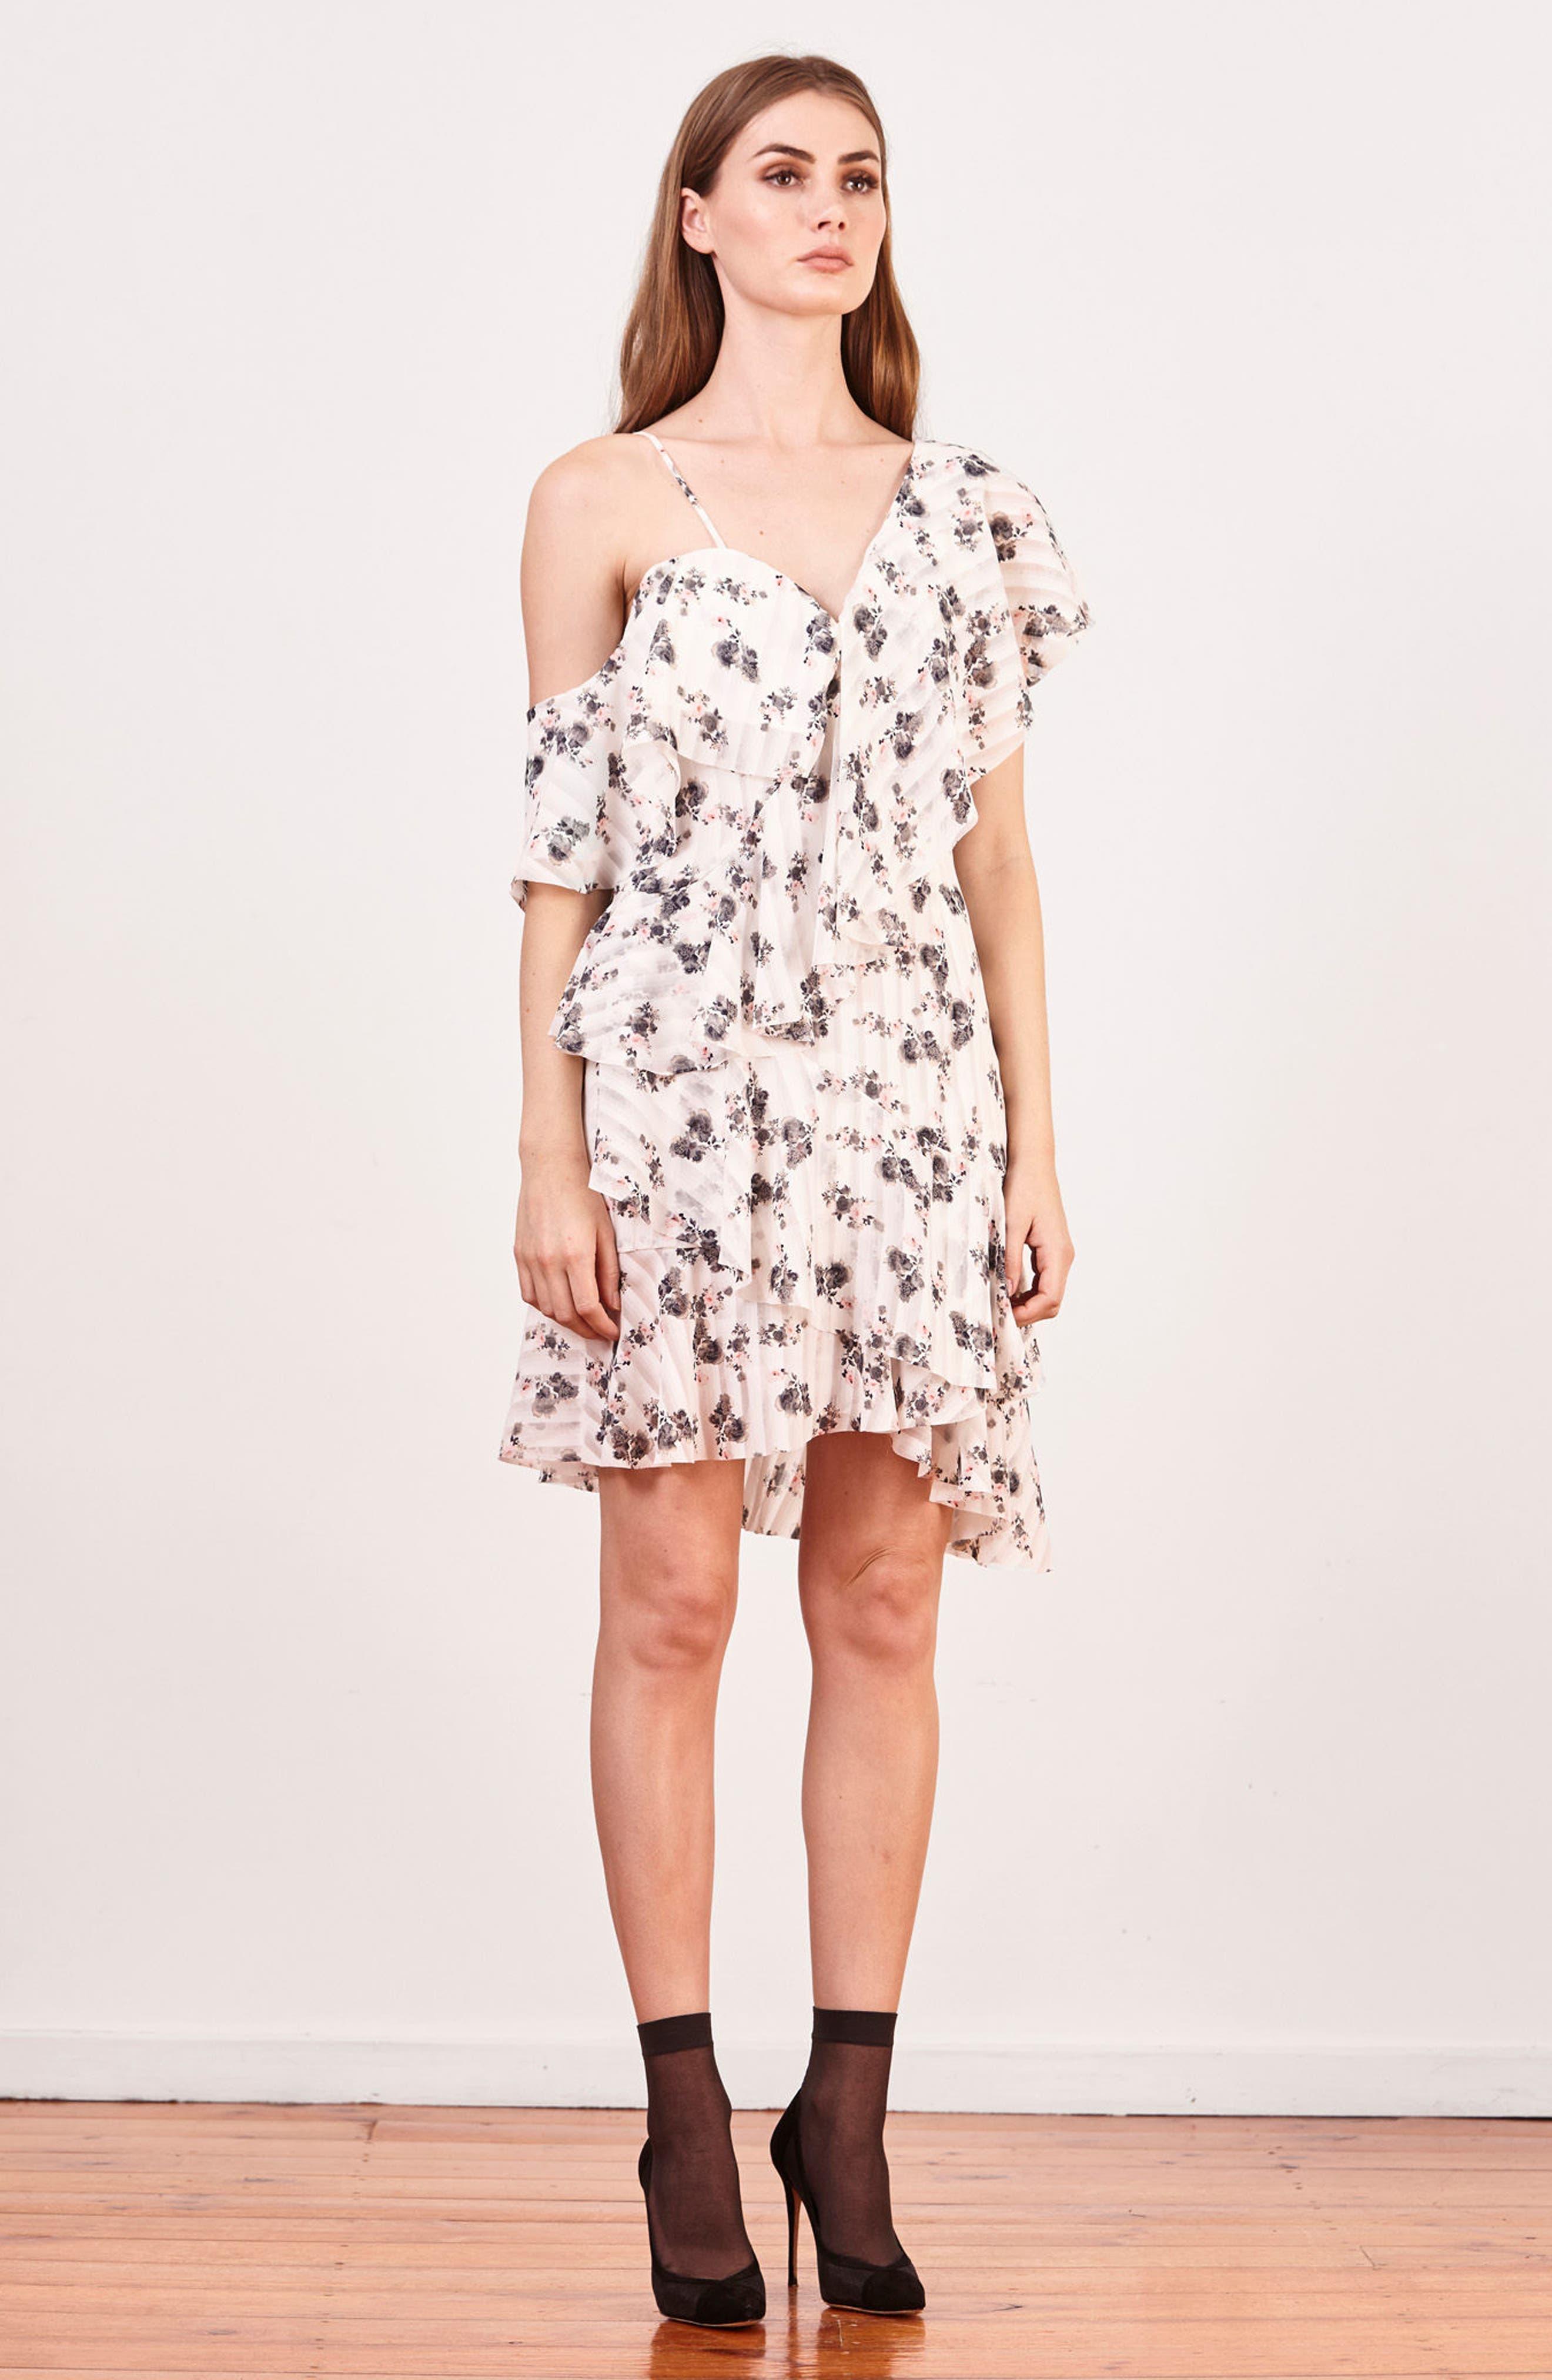 Bloom One-Shoulder Dress,                             Alternate thumbnail 7, color,                             100